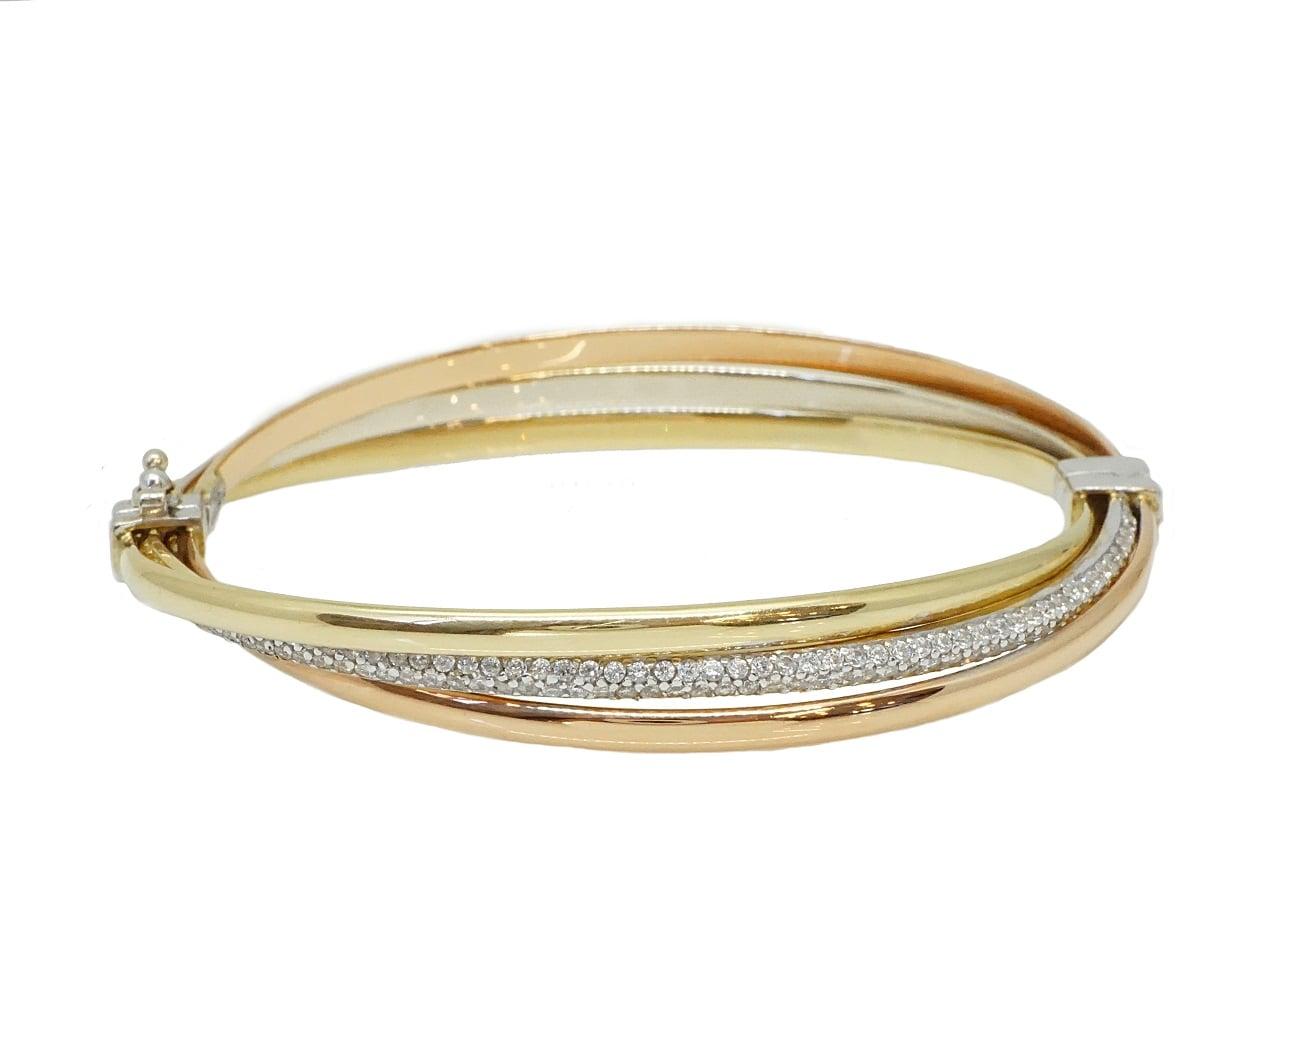 צמיד זהב שלושה צבעים צמיד בנגל זהב קשיח שלושה צבעים